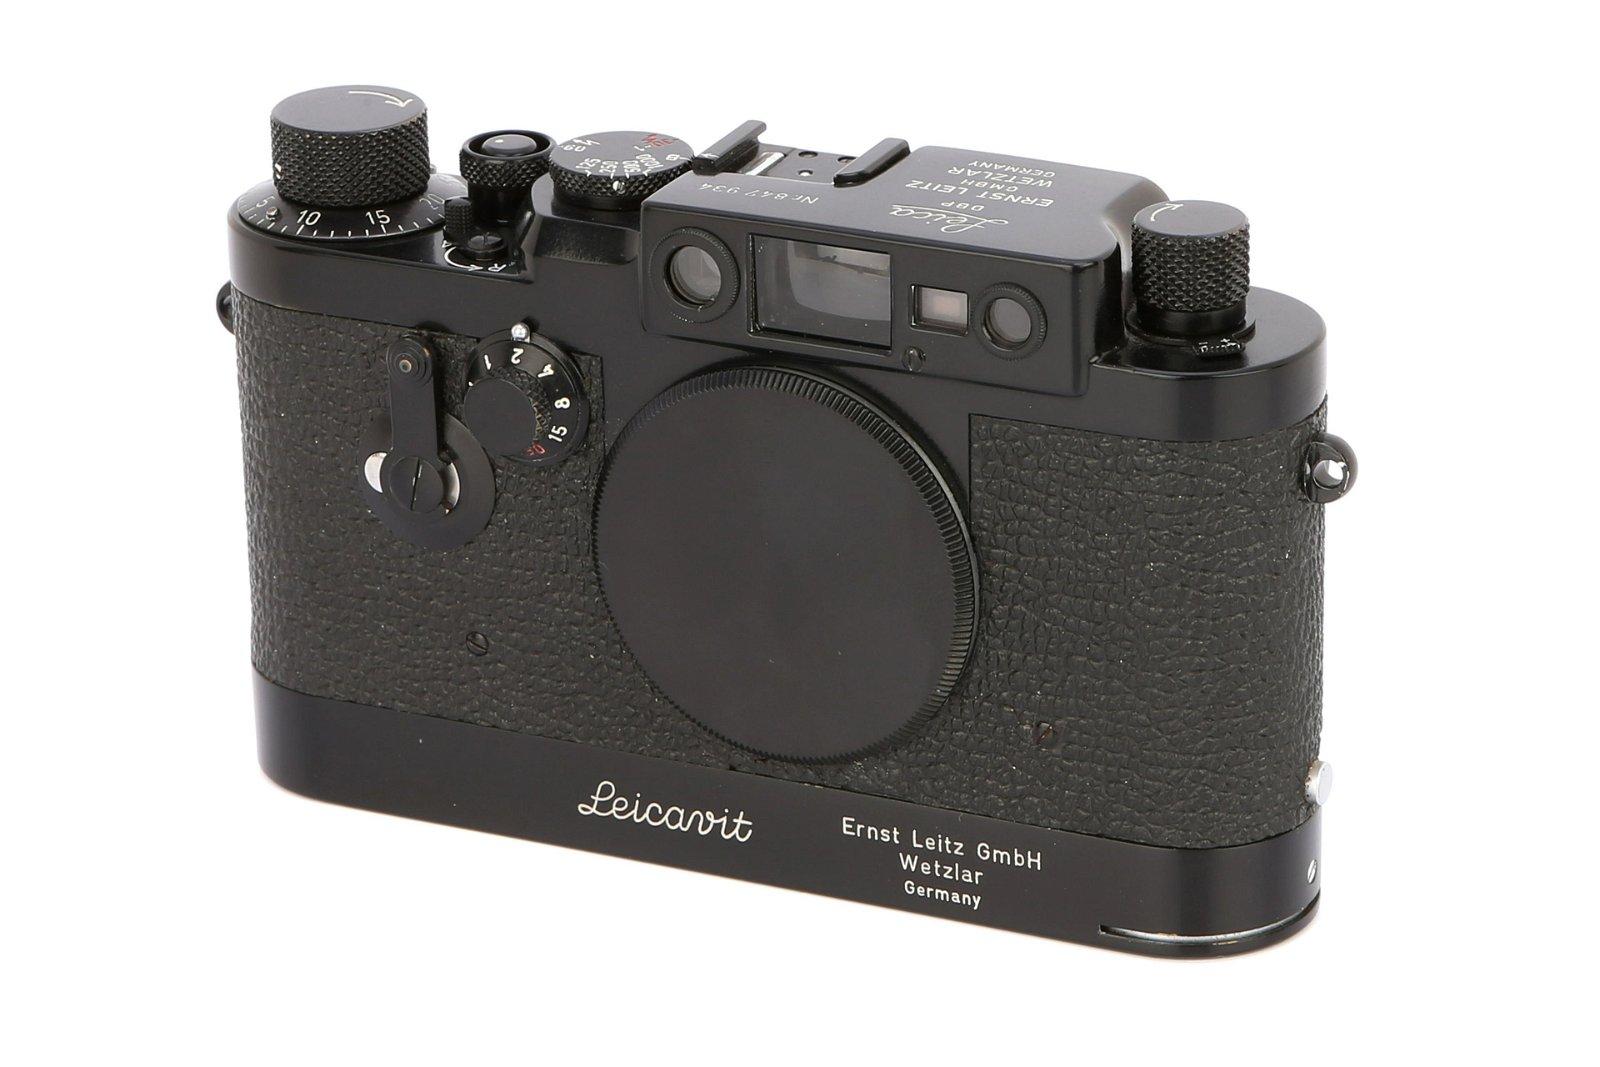 * A Leica IIIg Rangefinder Camera,